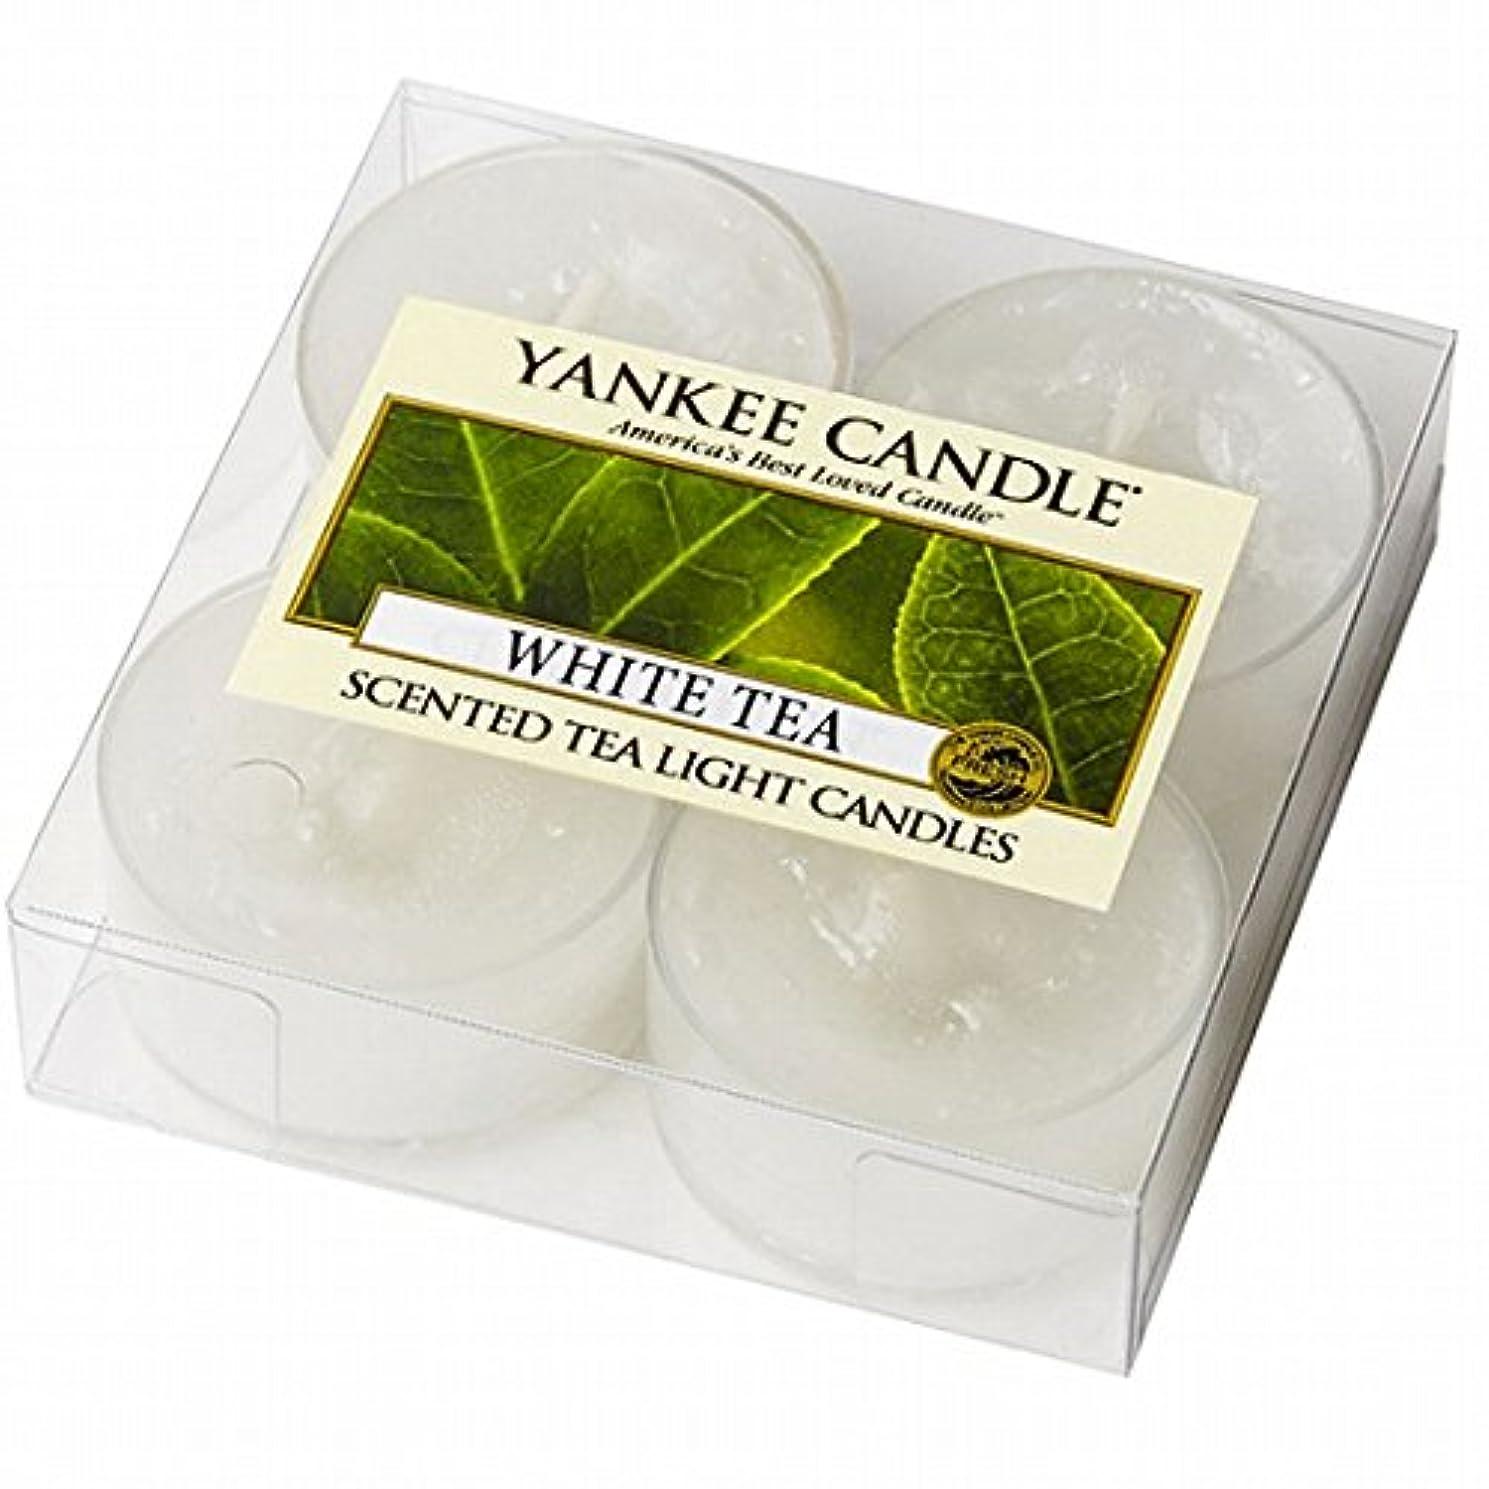 塩辛い鋼象YANKEE CANDLE(ヤンキーキャンドル) YANKEE CANDLE クリアカップティーライト4個入り 「ホワイトティー」(K00205277)